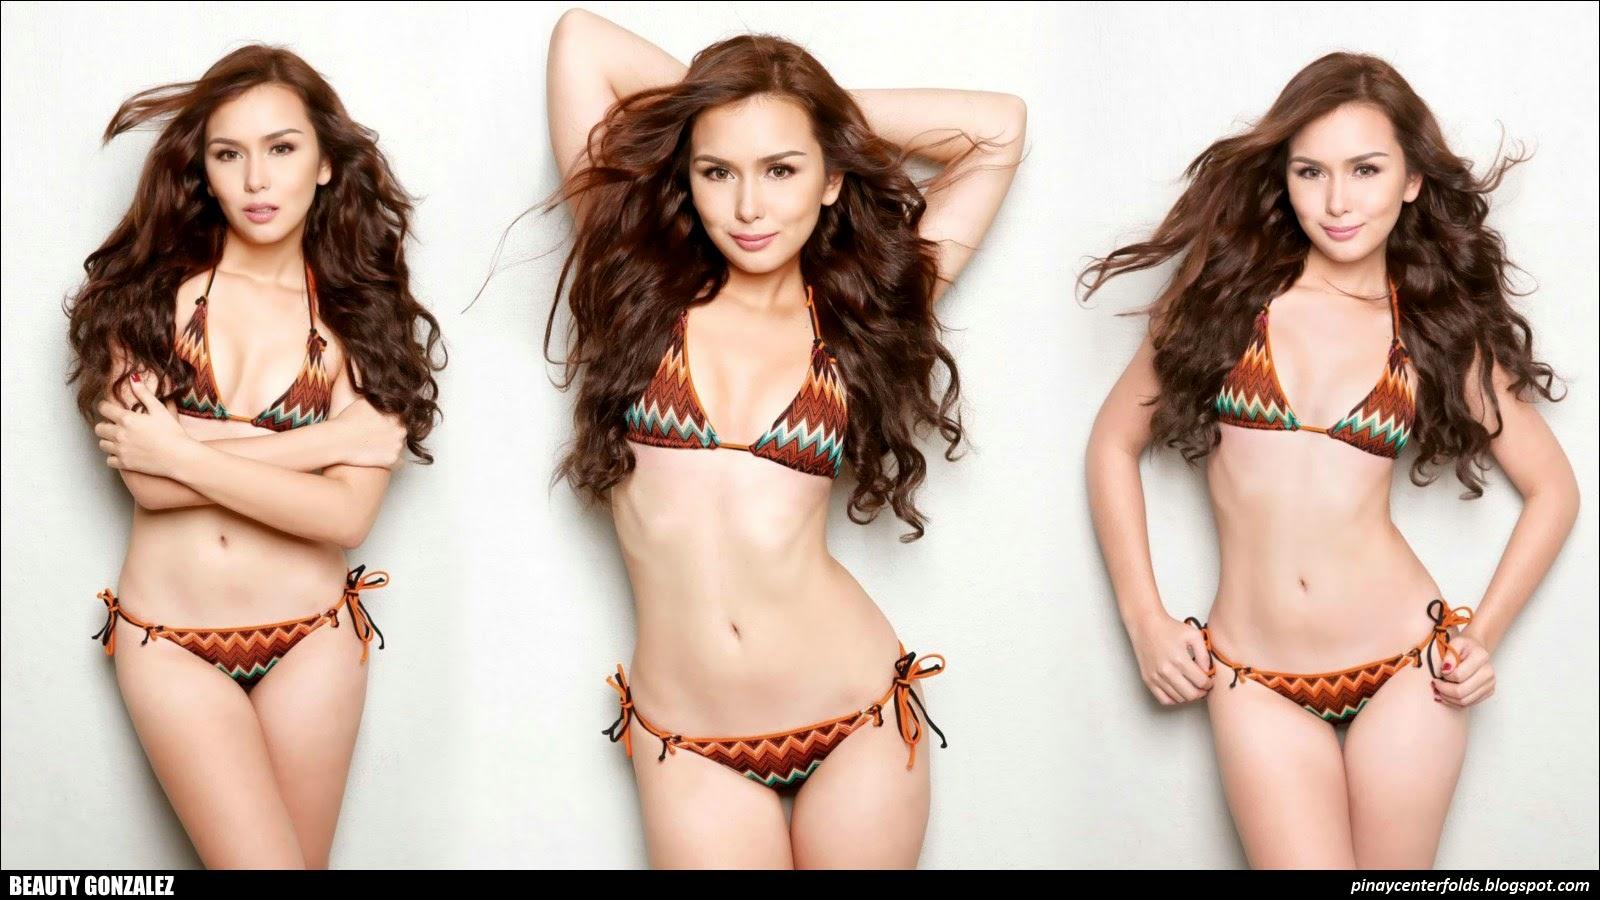 Beauty Gonzalez In FHM 2